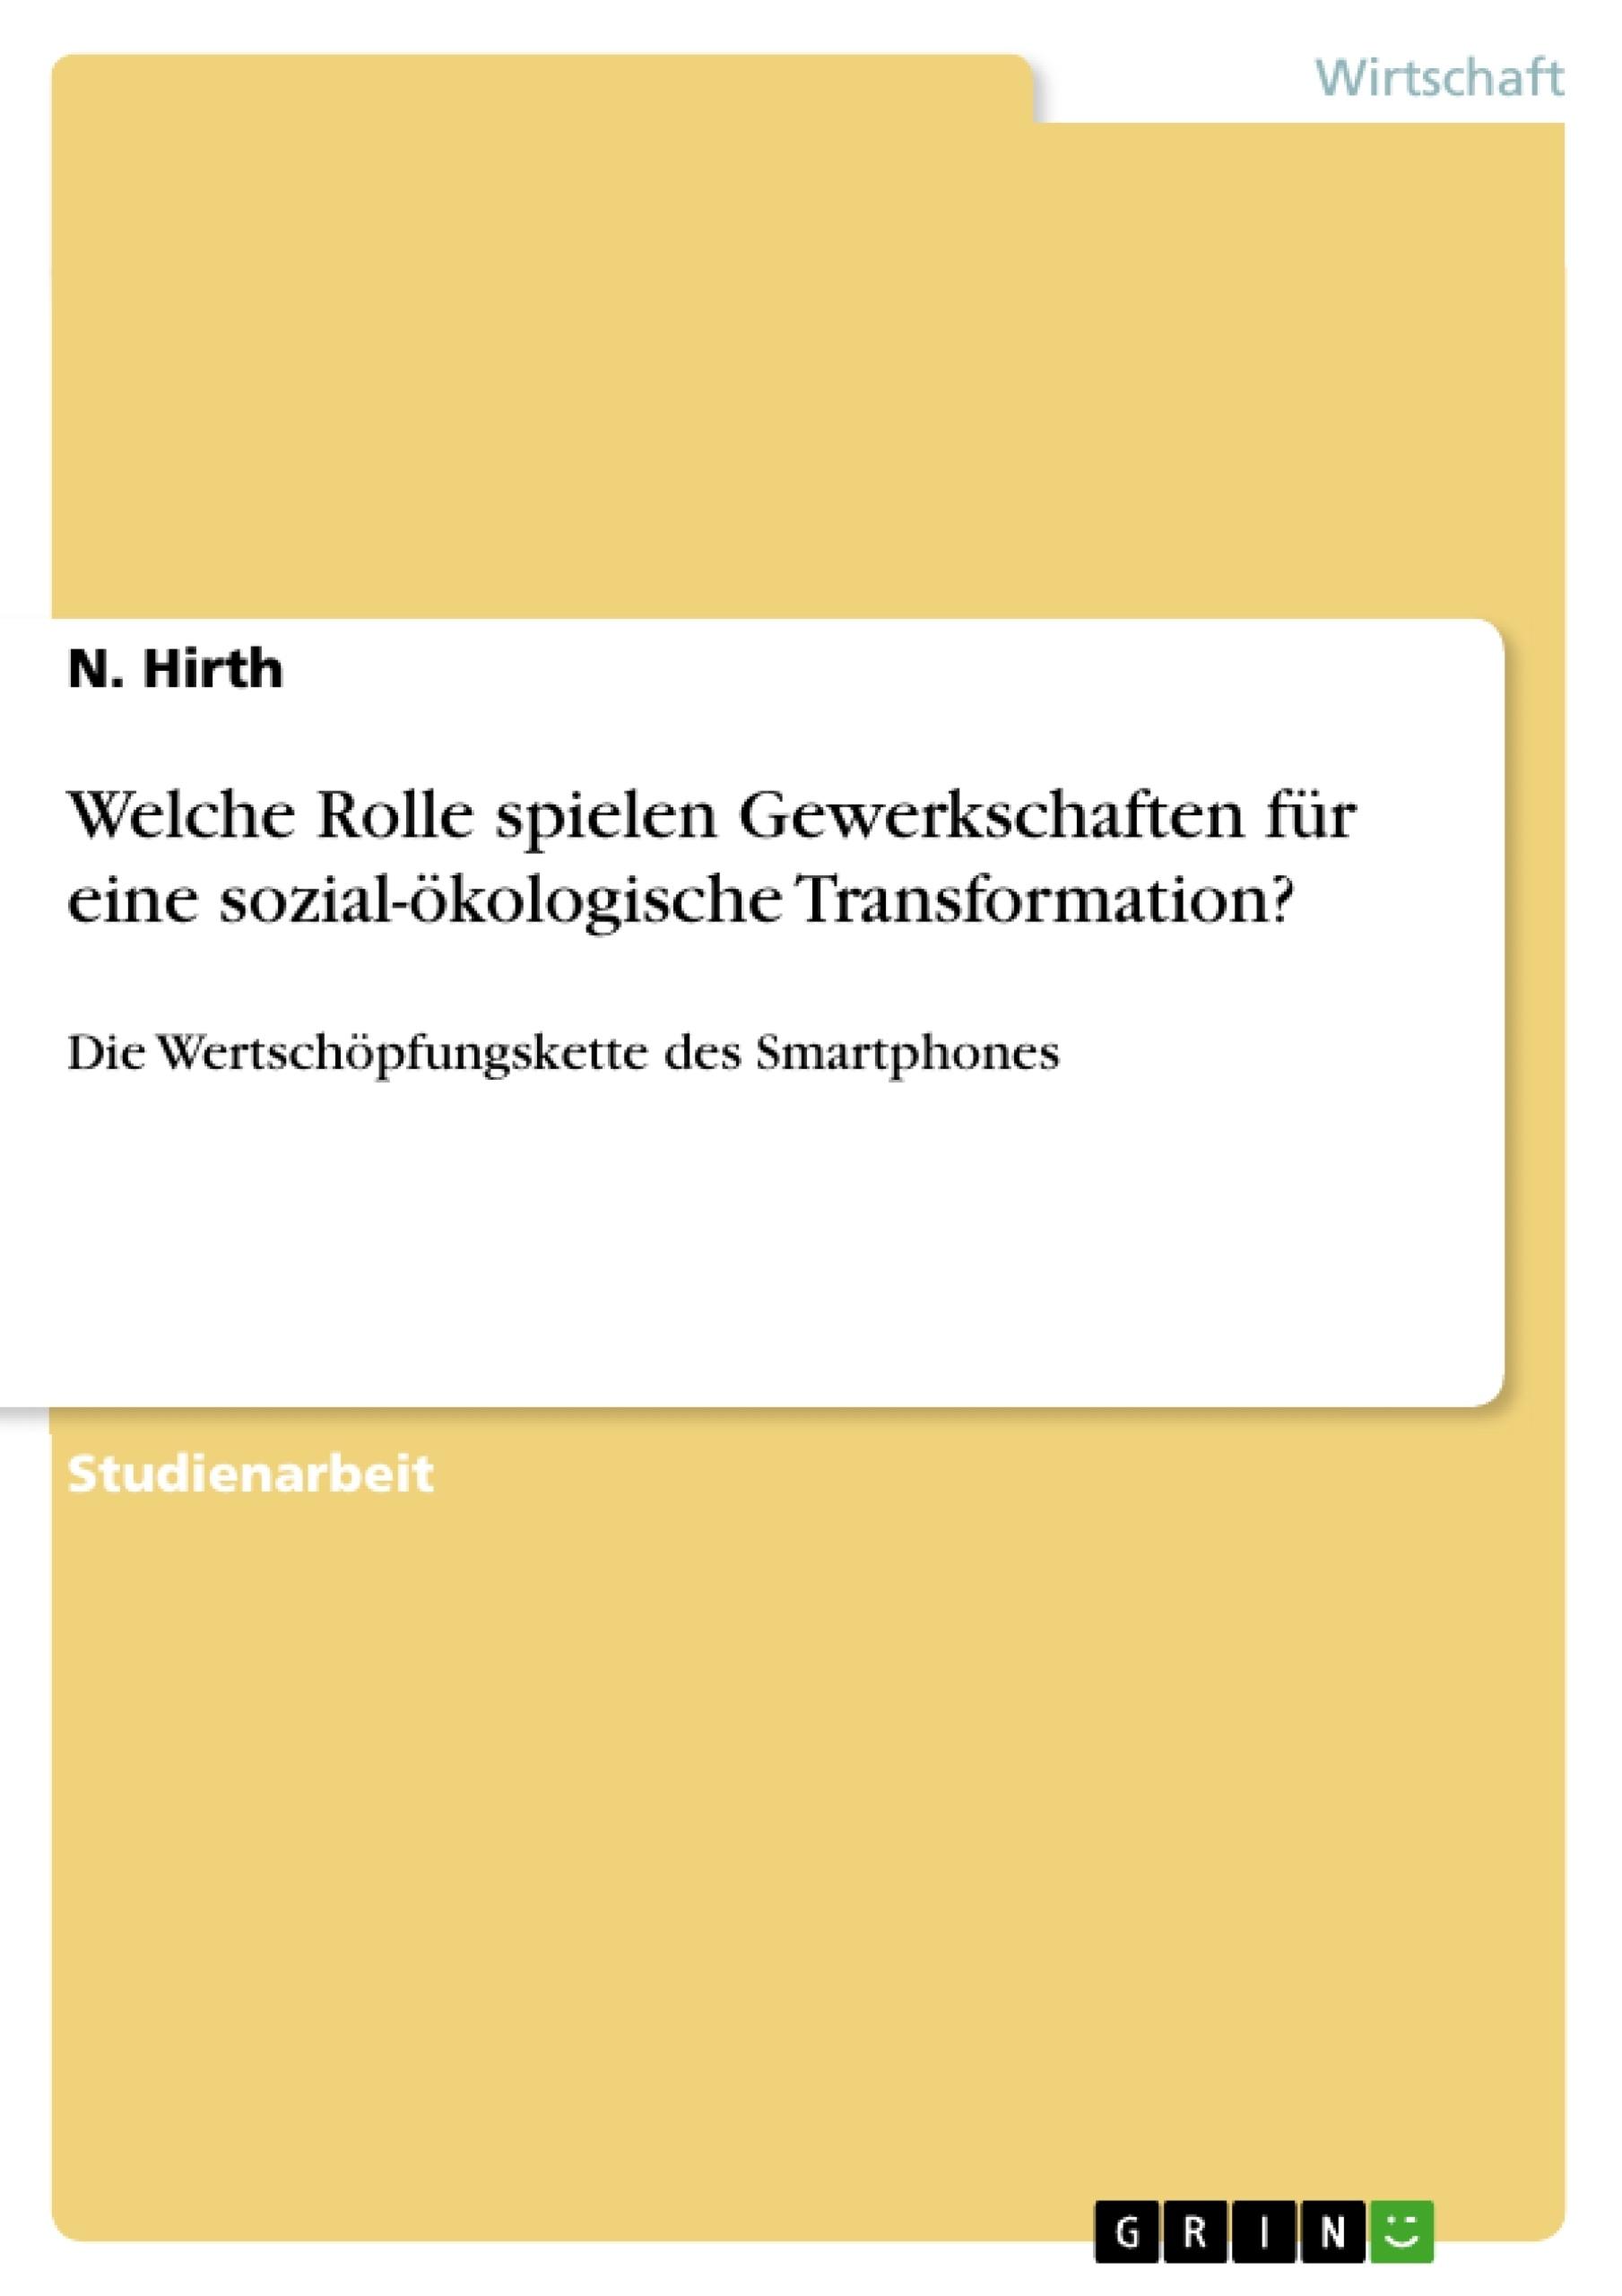 Titel: Welche Rolle spielen Gewerkschaften für eine sozial-ökologische Transformation?